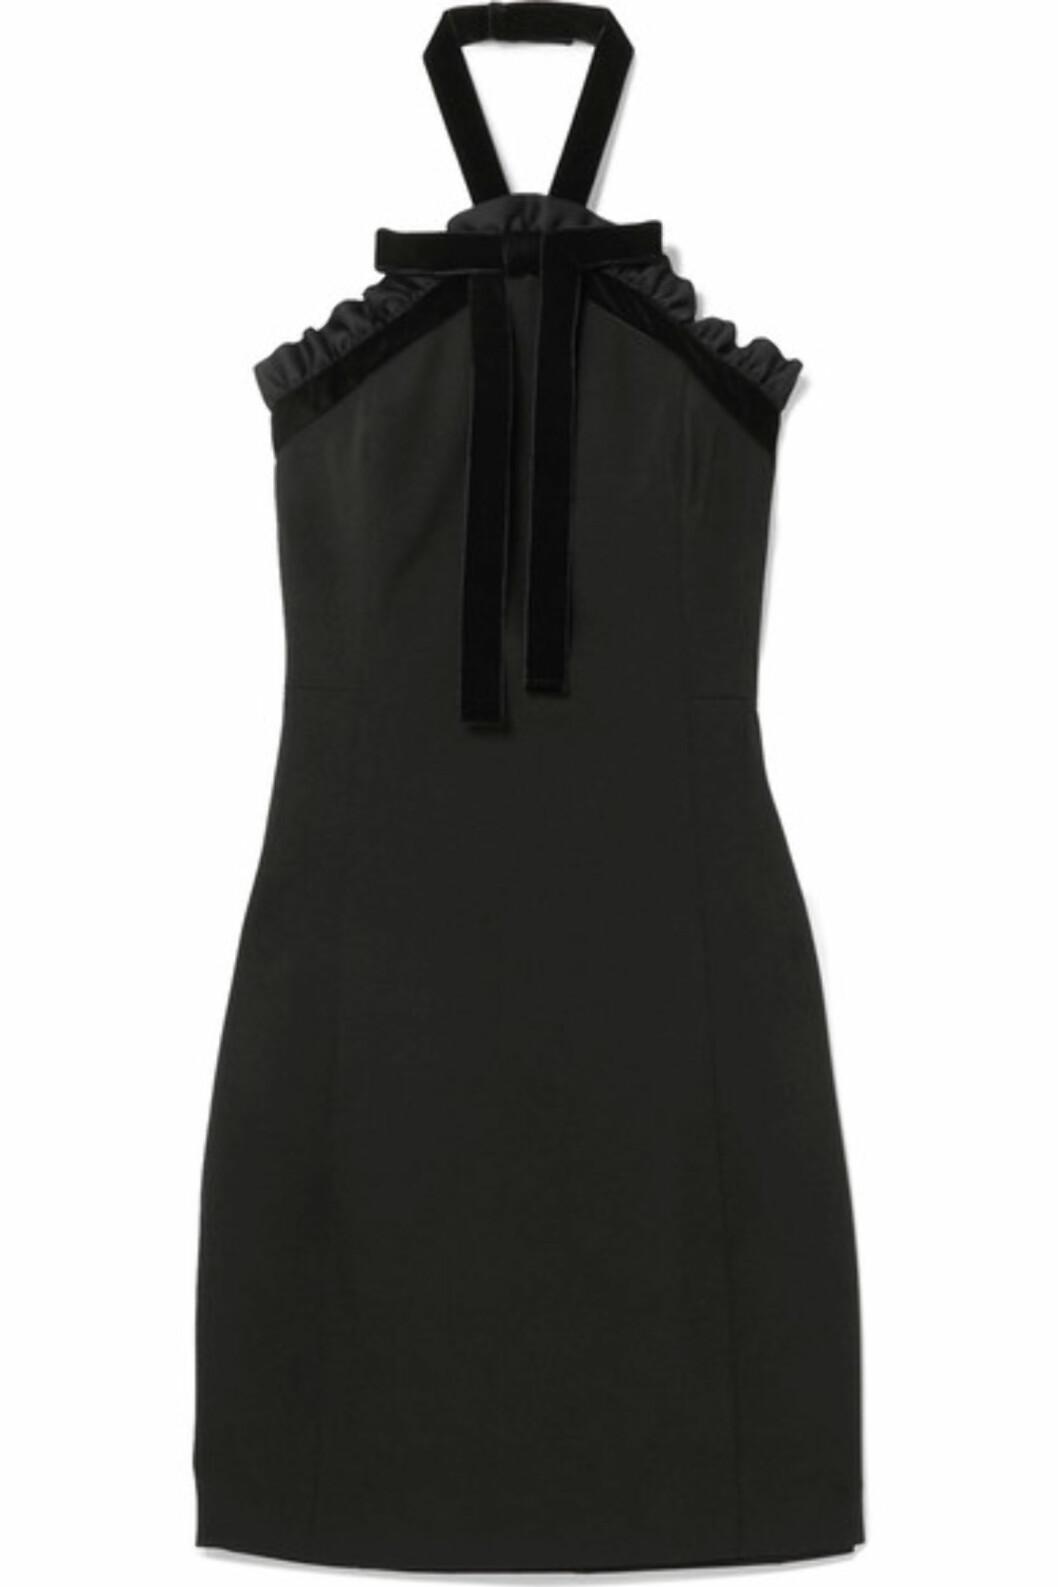 Kjole fra Michael Kors via Net-a-porter.com |2222,-| https://www.net-a-porter.com/no/en/product/958324/michael_michael_kors/ruffled-velvet-trimmed-crepe-halterneck-mini-dress